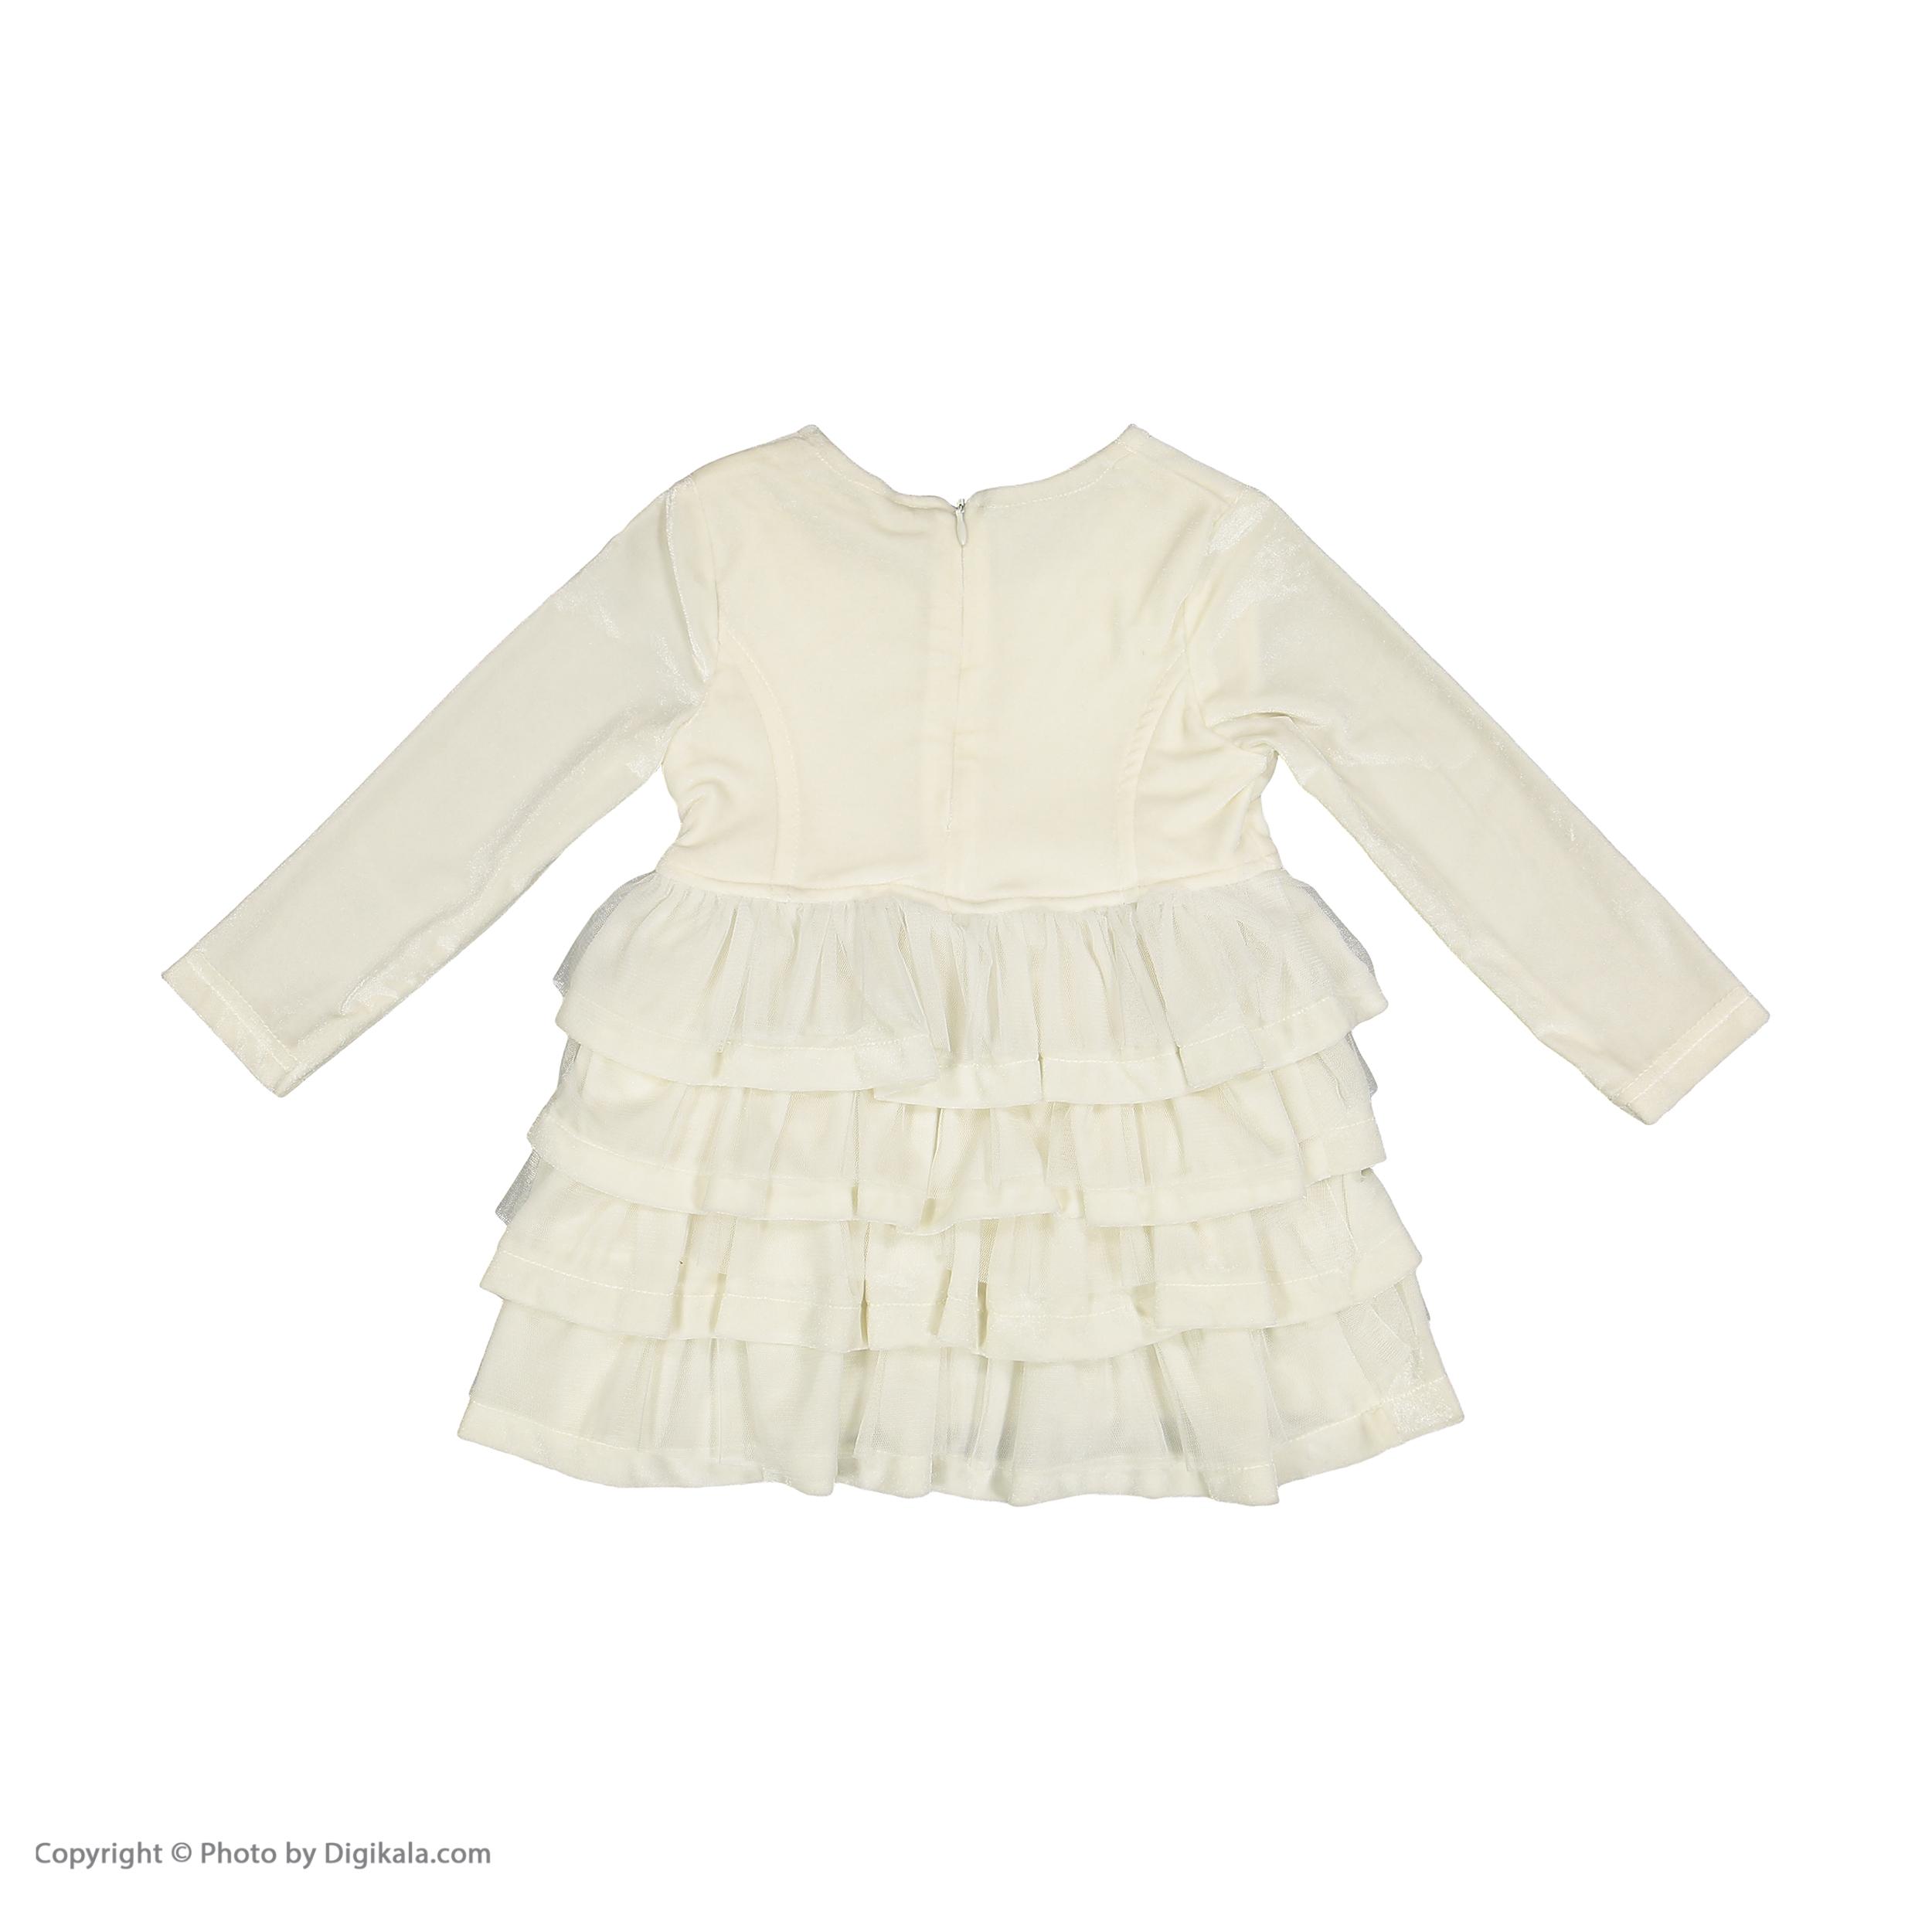 پیراهن دخترانه مونا رزا مدل 2141123-01